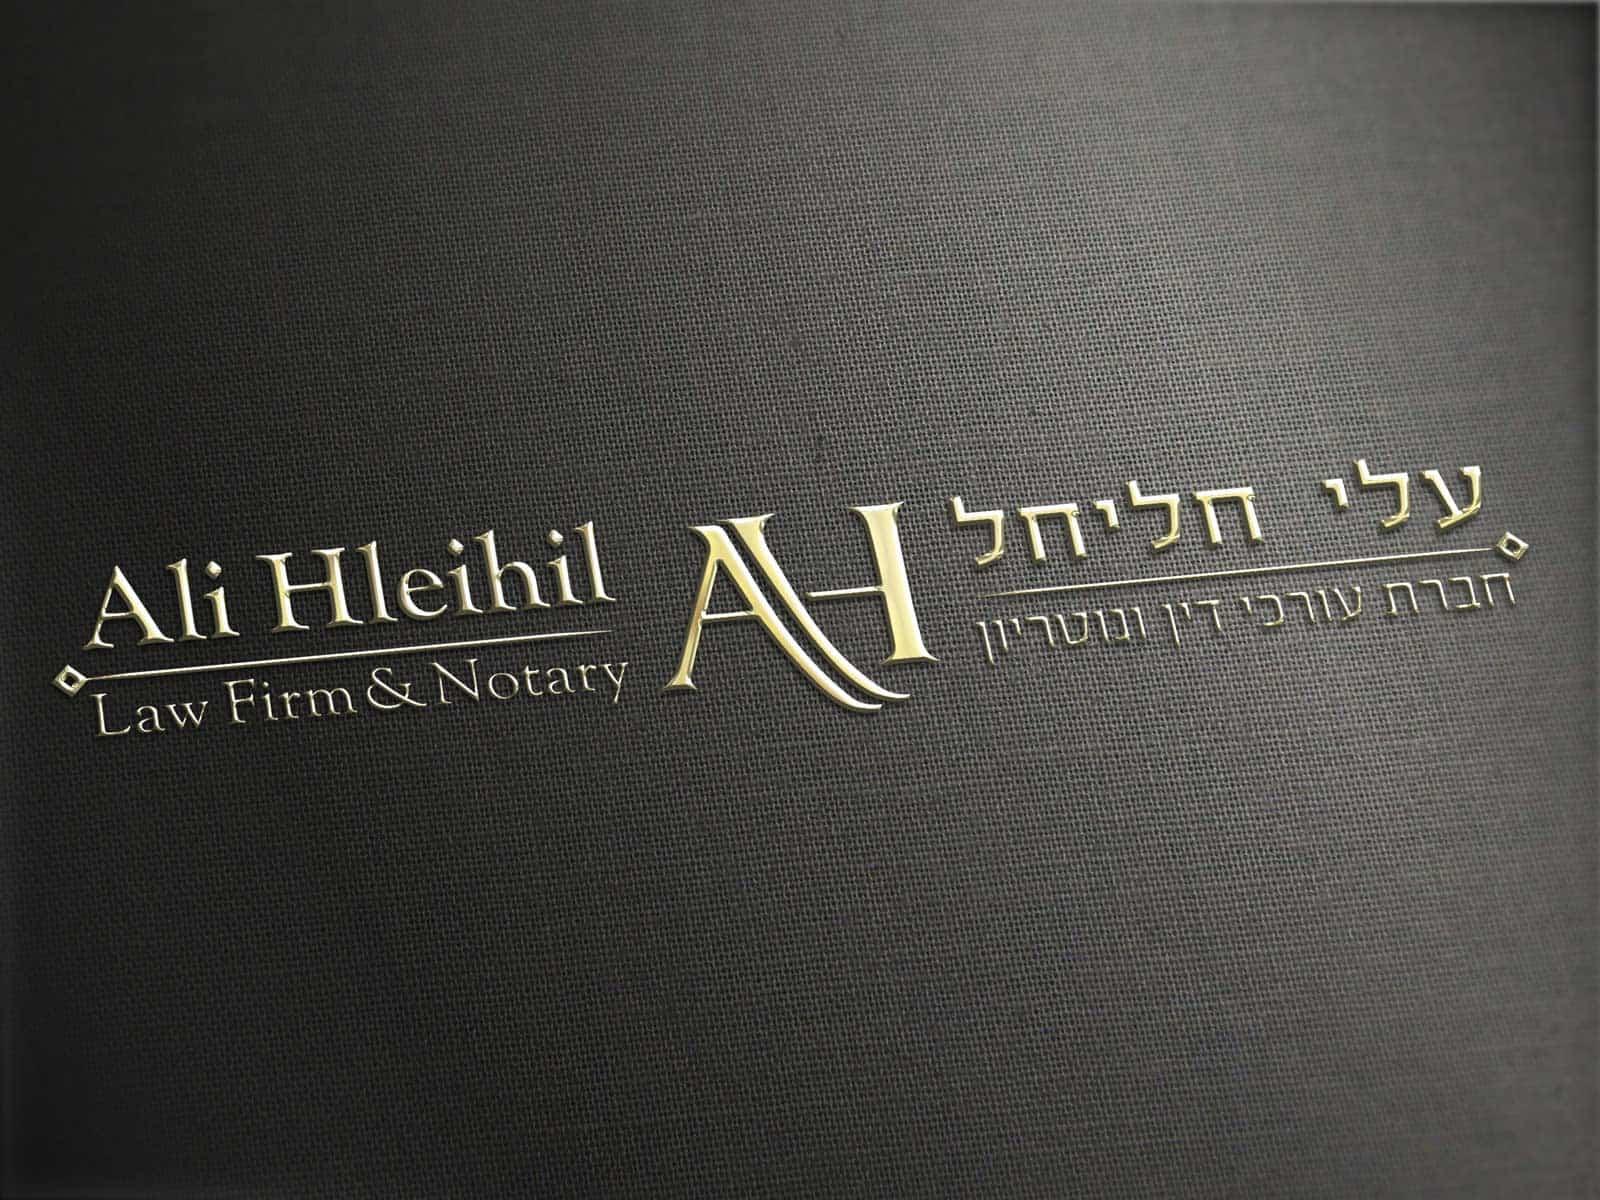 עיצוב לוגו לעורך דין בקרית שמונה